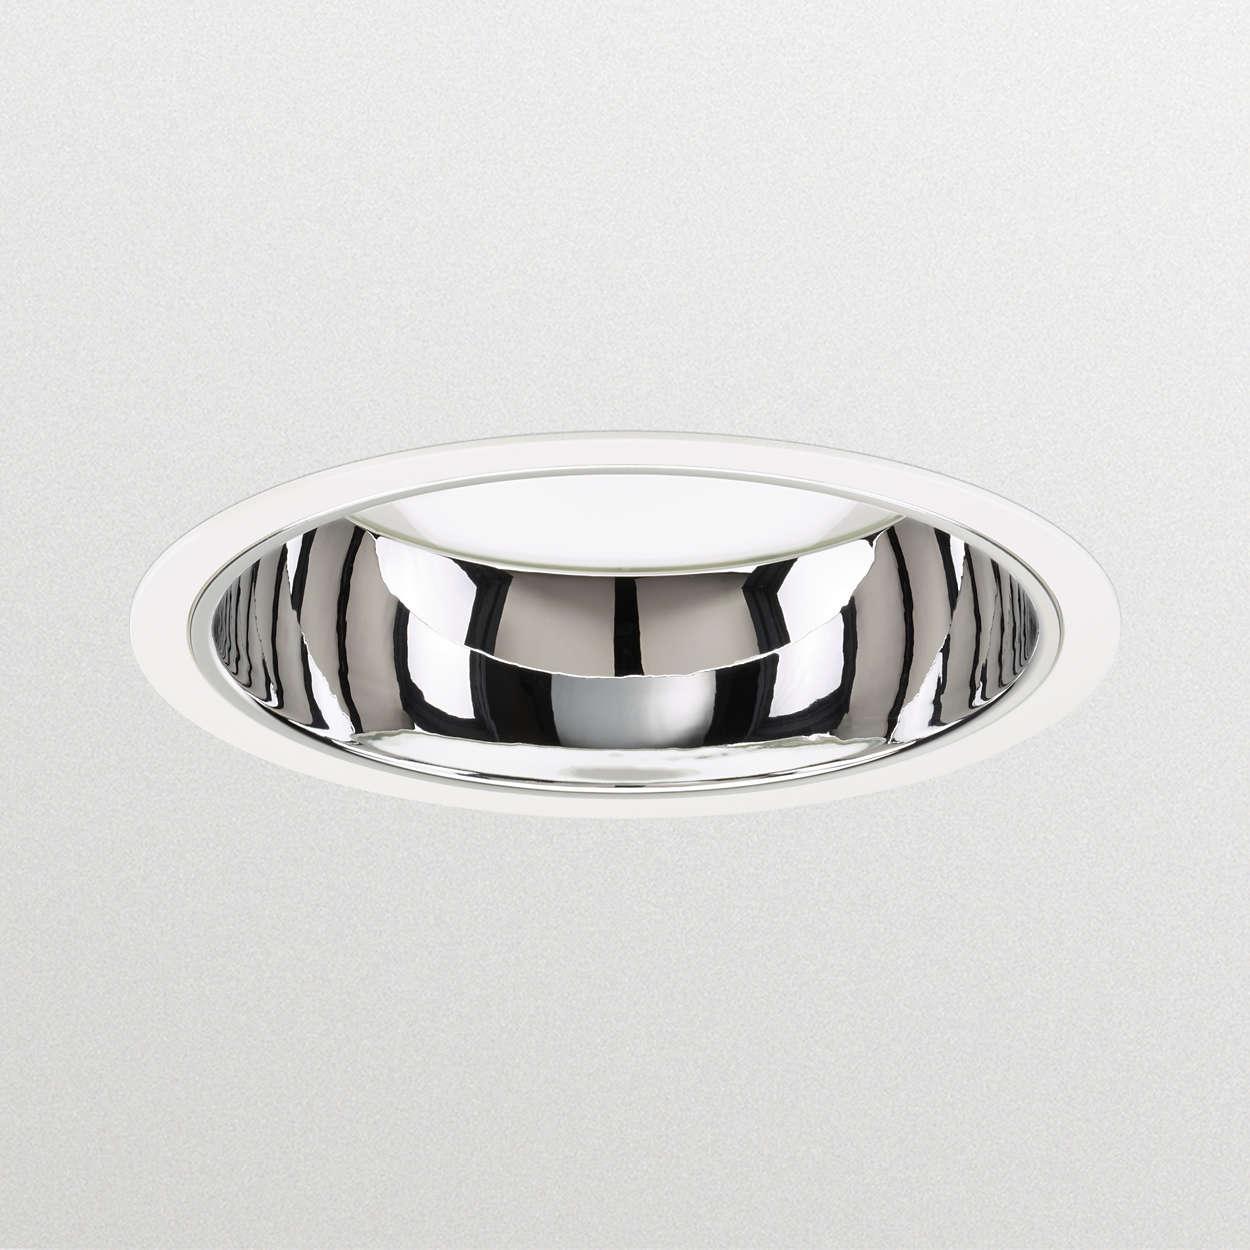 LuxSpace 2, – hoog rendement, visueel comfort en stijlvol ontwerp